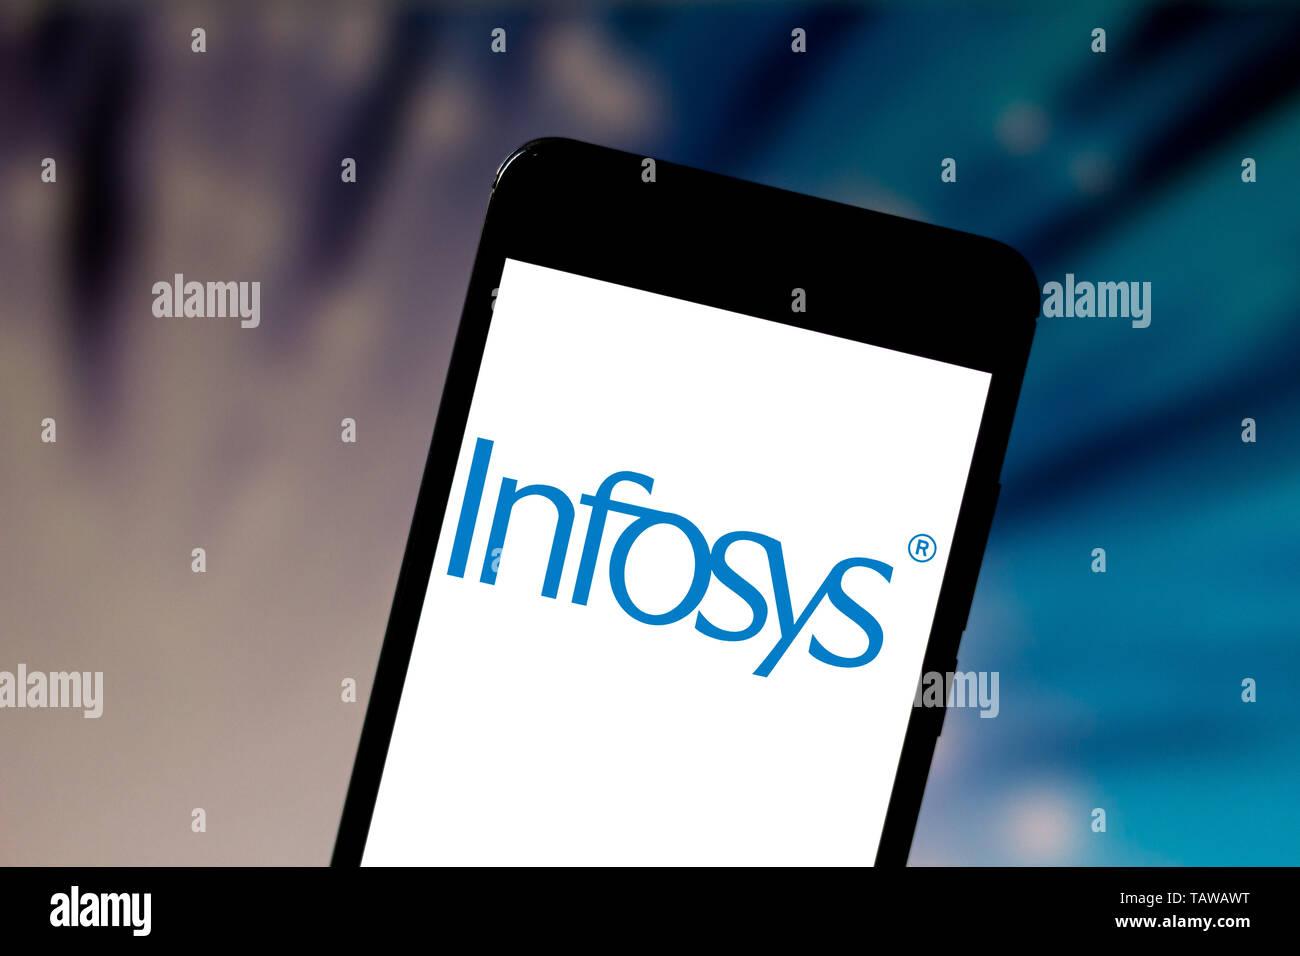 Il Brasile. 28 Maggio, 2019. In questa foto illustrazione la Infosys logo limitata è visto visualizzata su uno smartphone. Credito: Rafael Henrique SOPA/images/ZUMA filo/Alamy Live News Immagini Stock